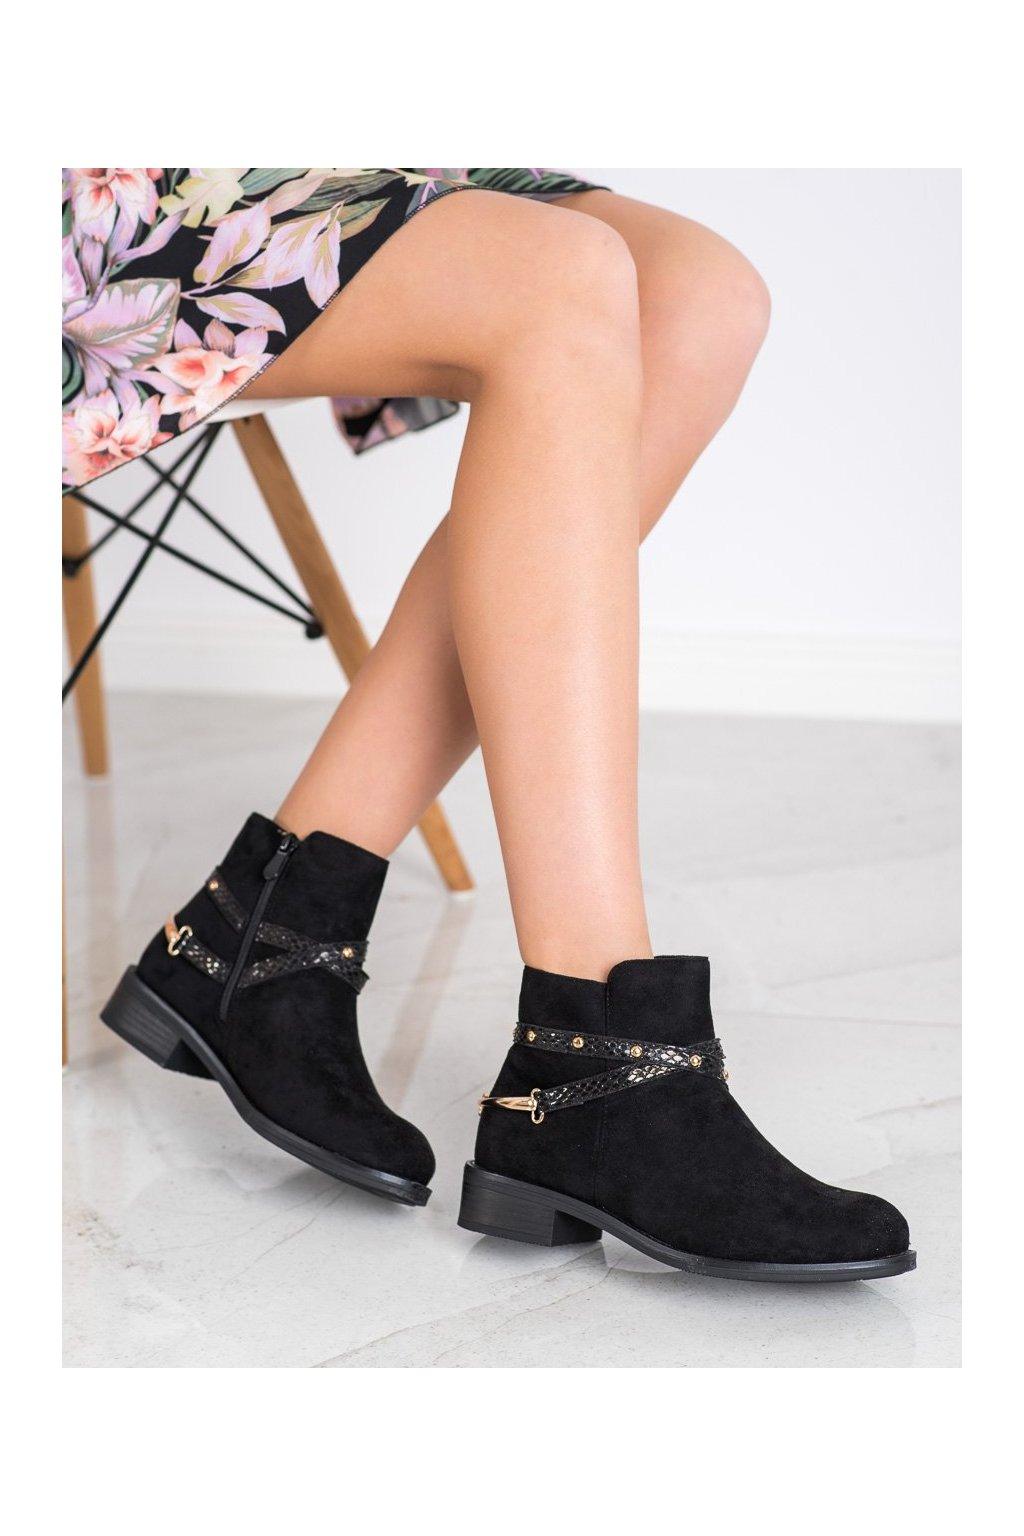 Čierne dámske topánky Bestelle kod RQ332B